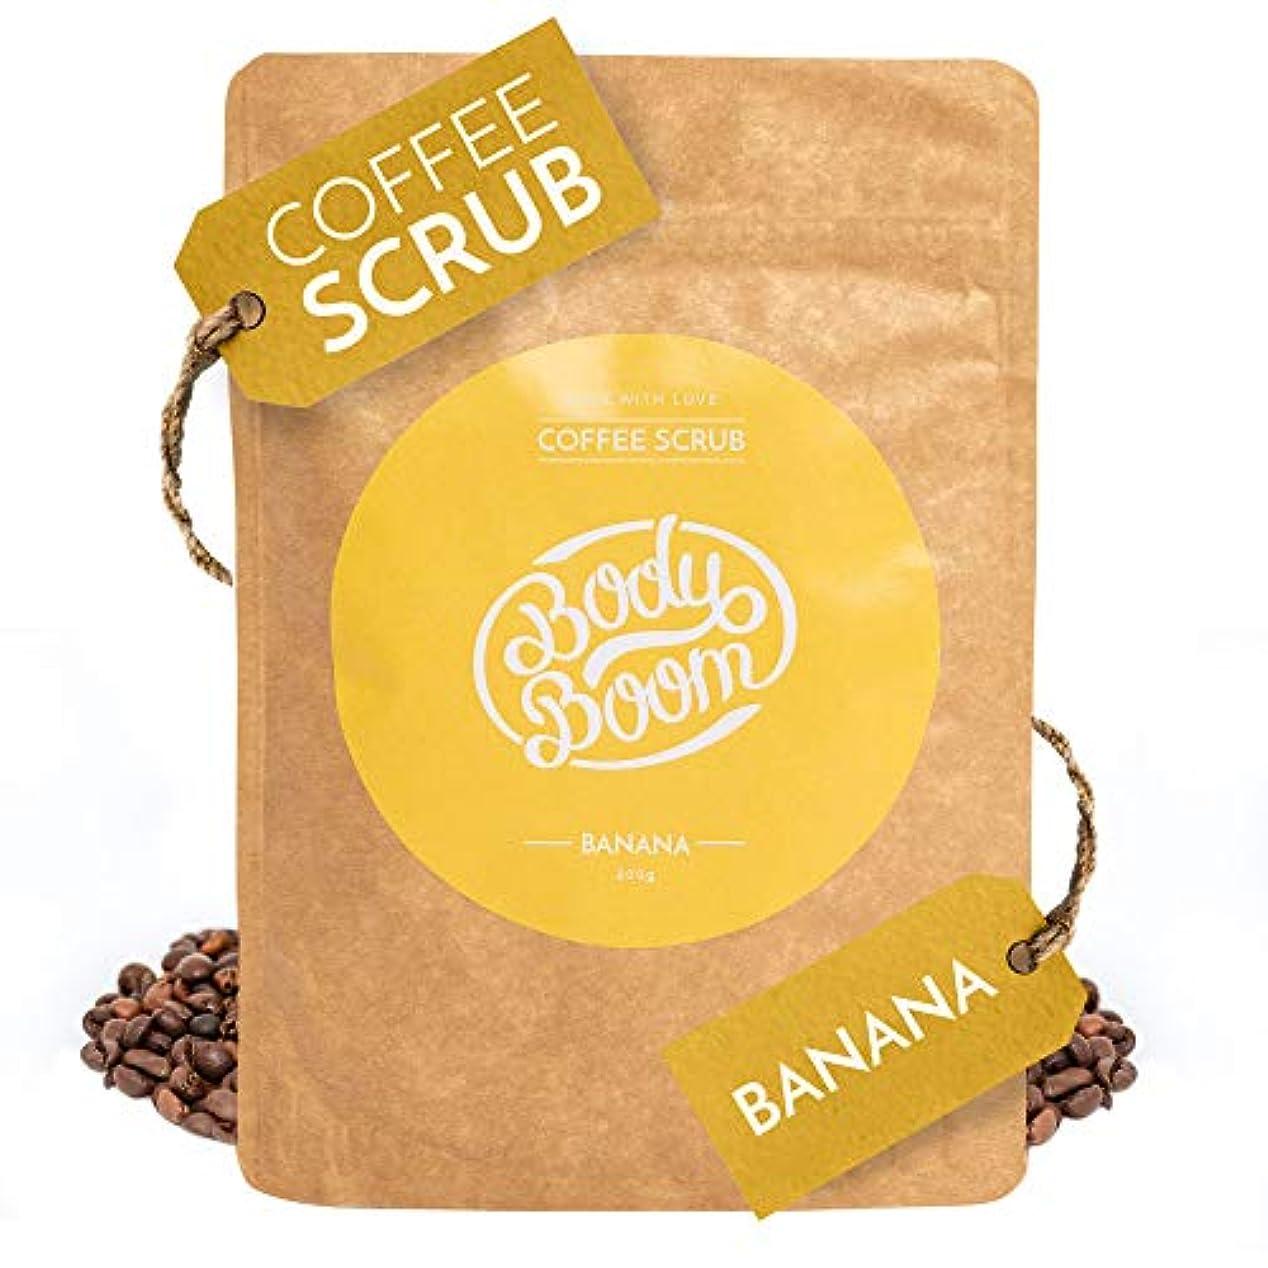 作り朝食を食べる難しいコーヒースクラブ Body Boom ボディブーム バナナ 200g